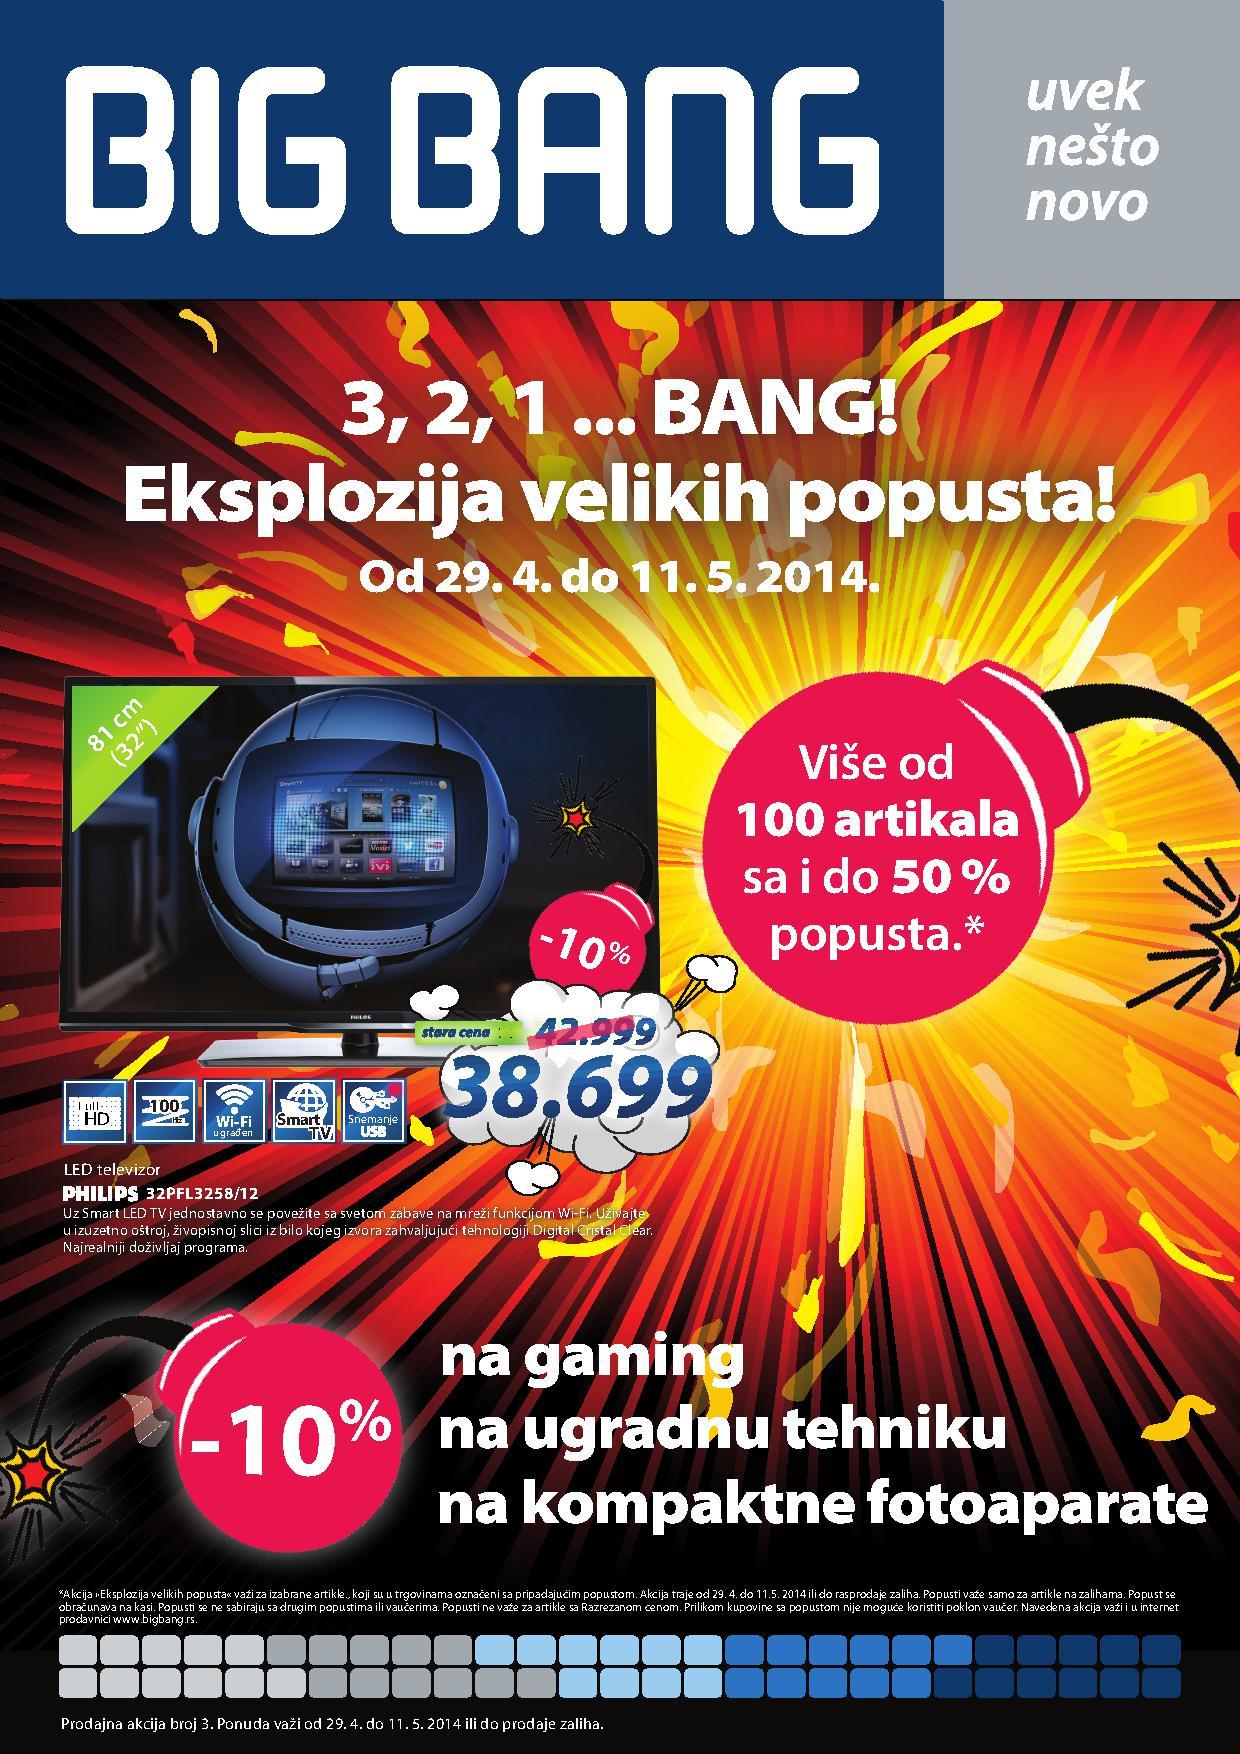 Big Bang akcija super cena